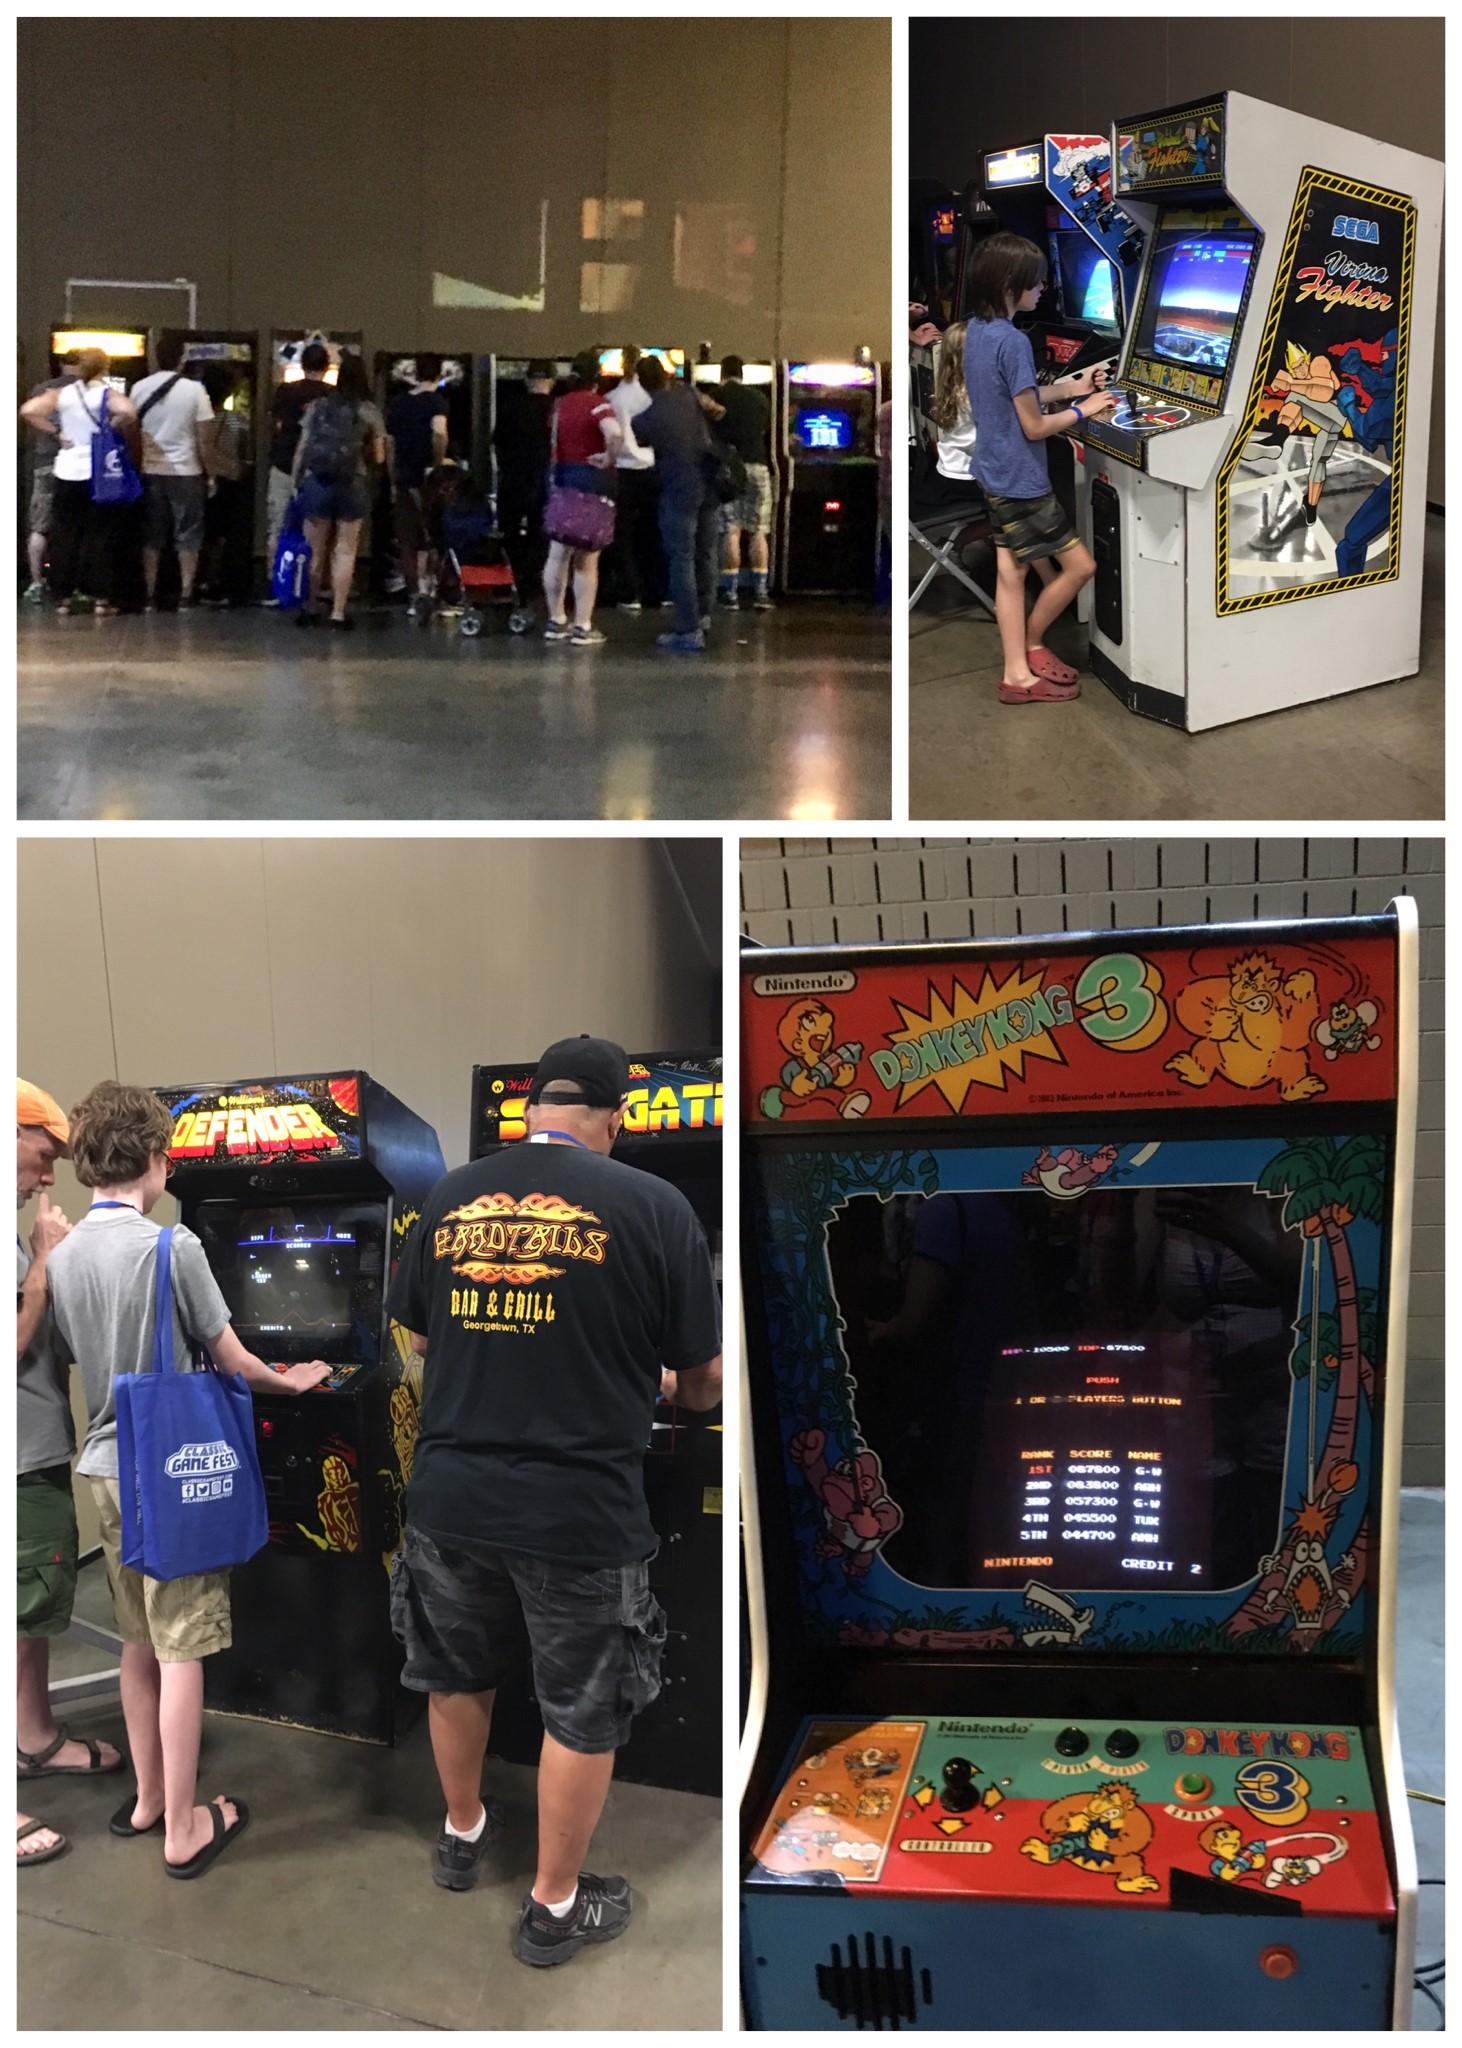 Classic Game 17 arcade